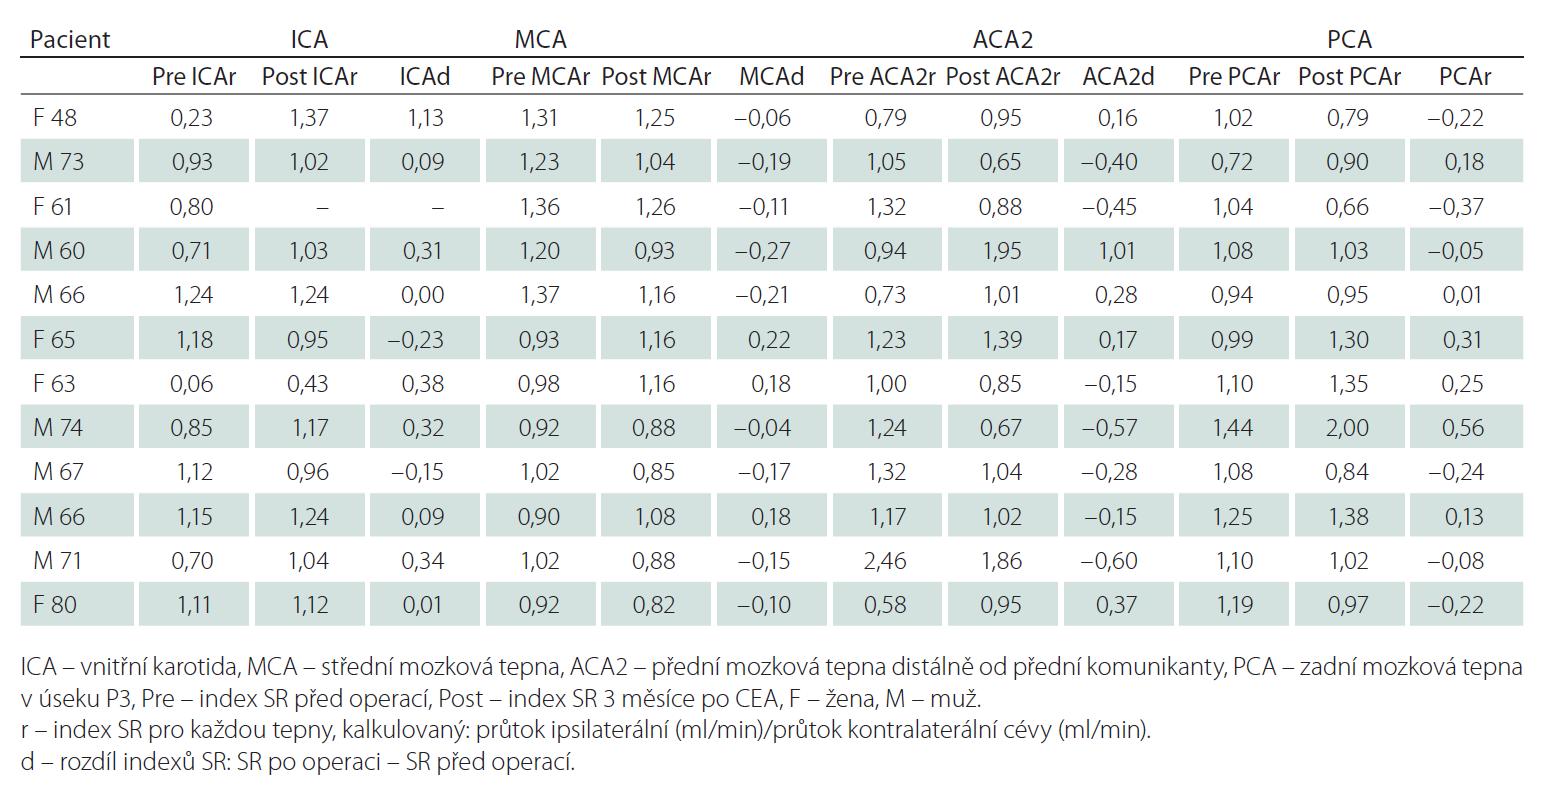 Indexy SR (průtok ipsilaterální/kontralaterální cévou) před a tři měsíce po CEA.